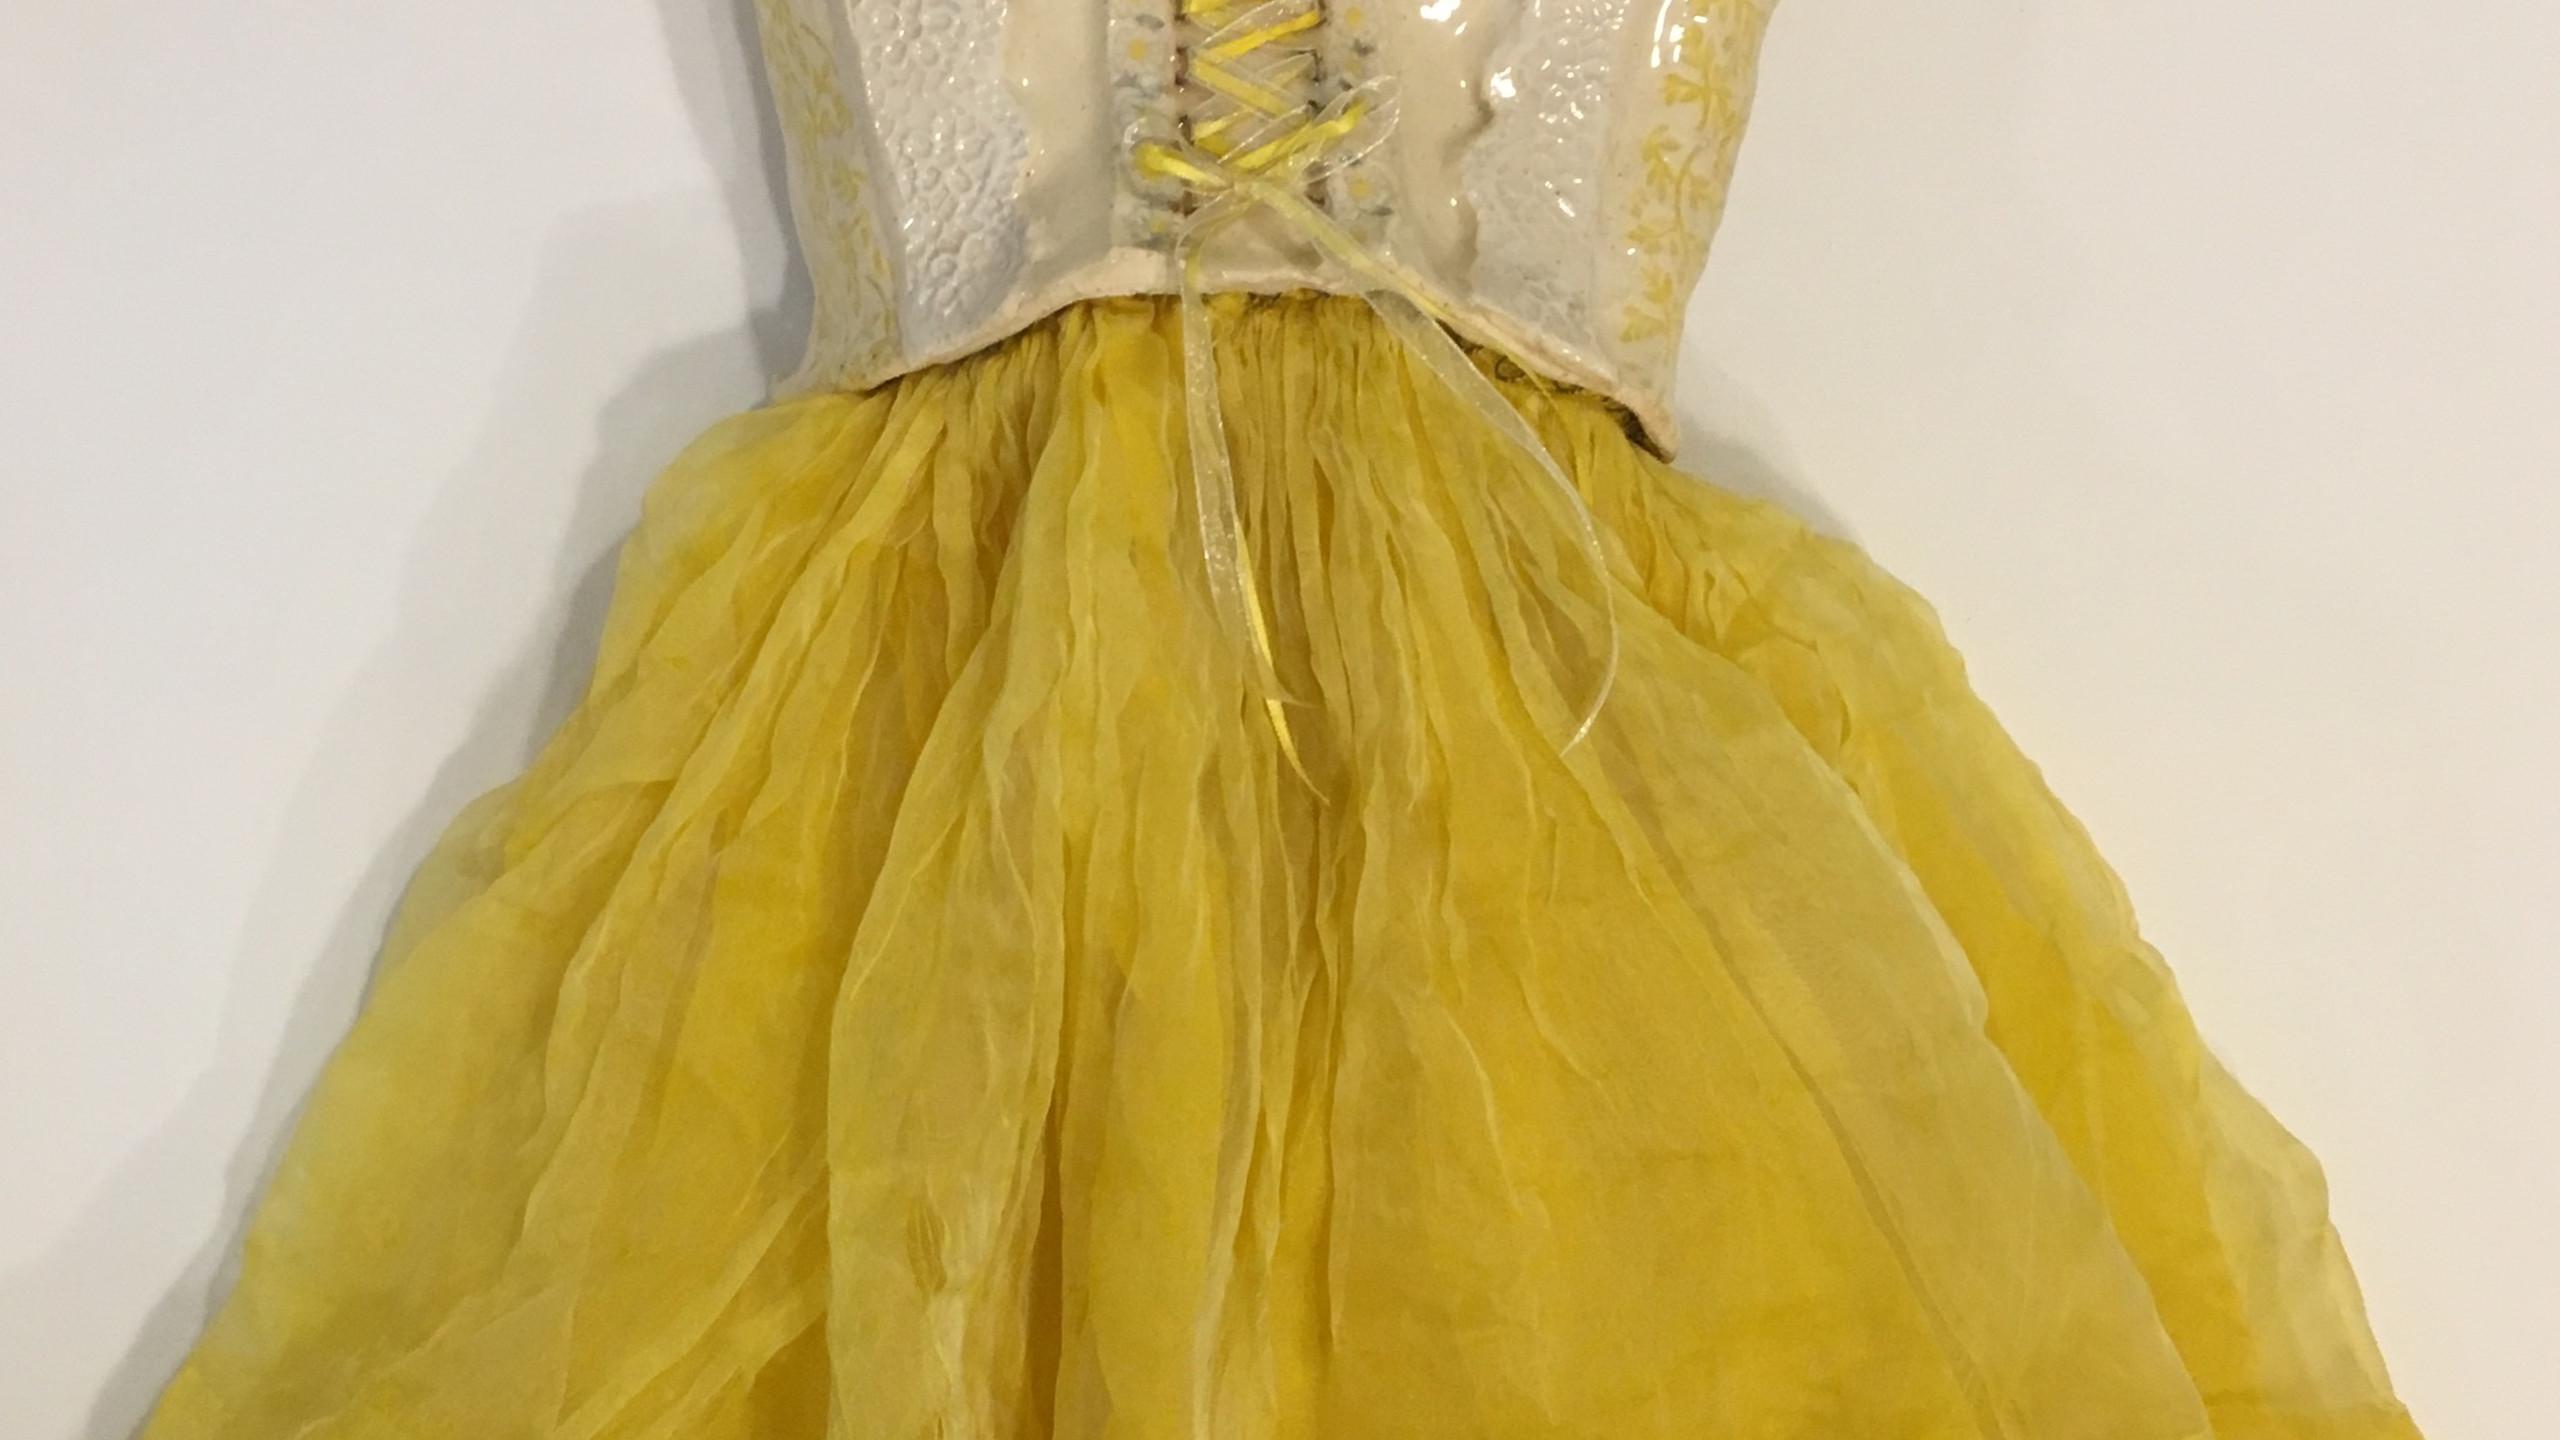 Dress before redoing beadwork